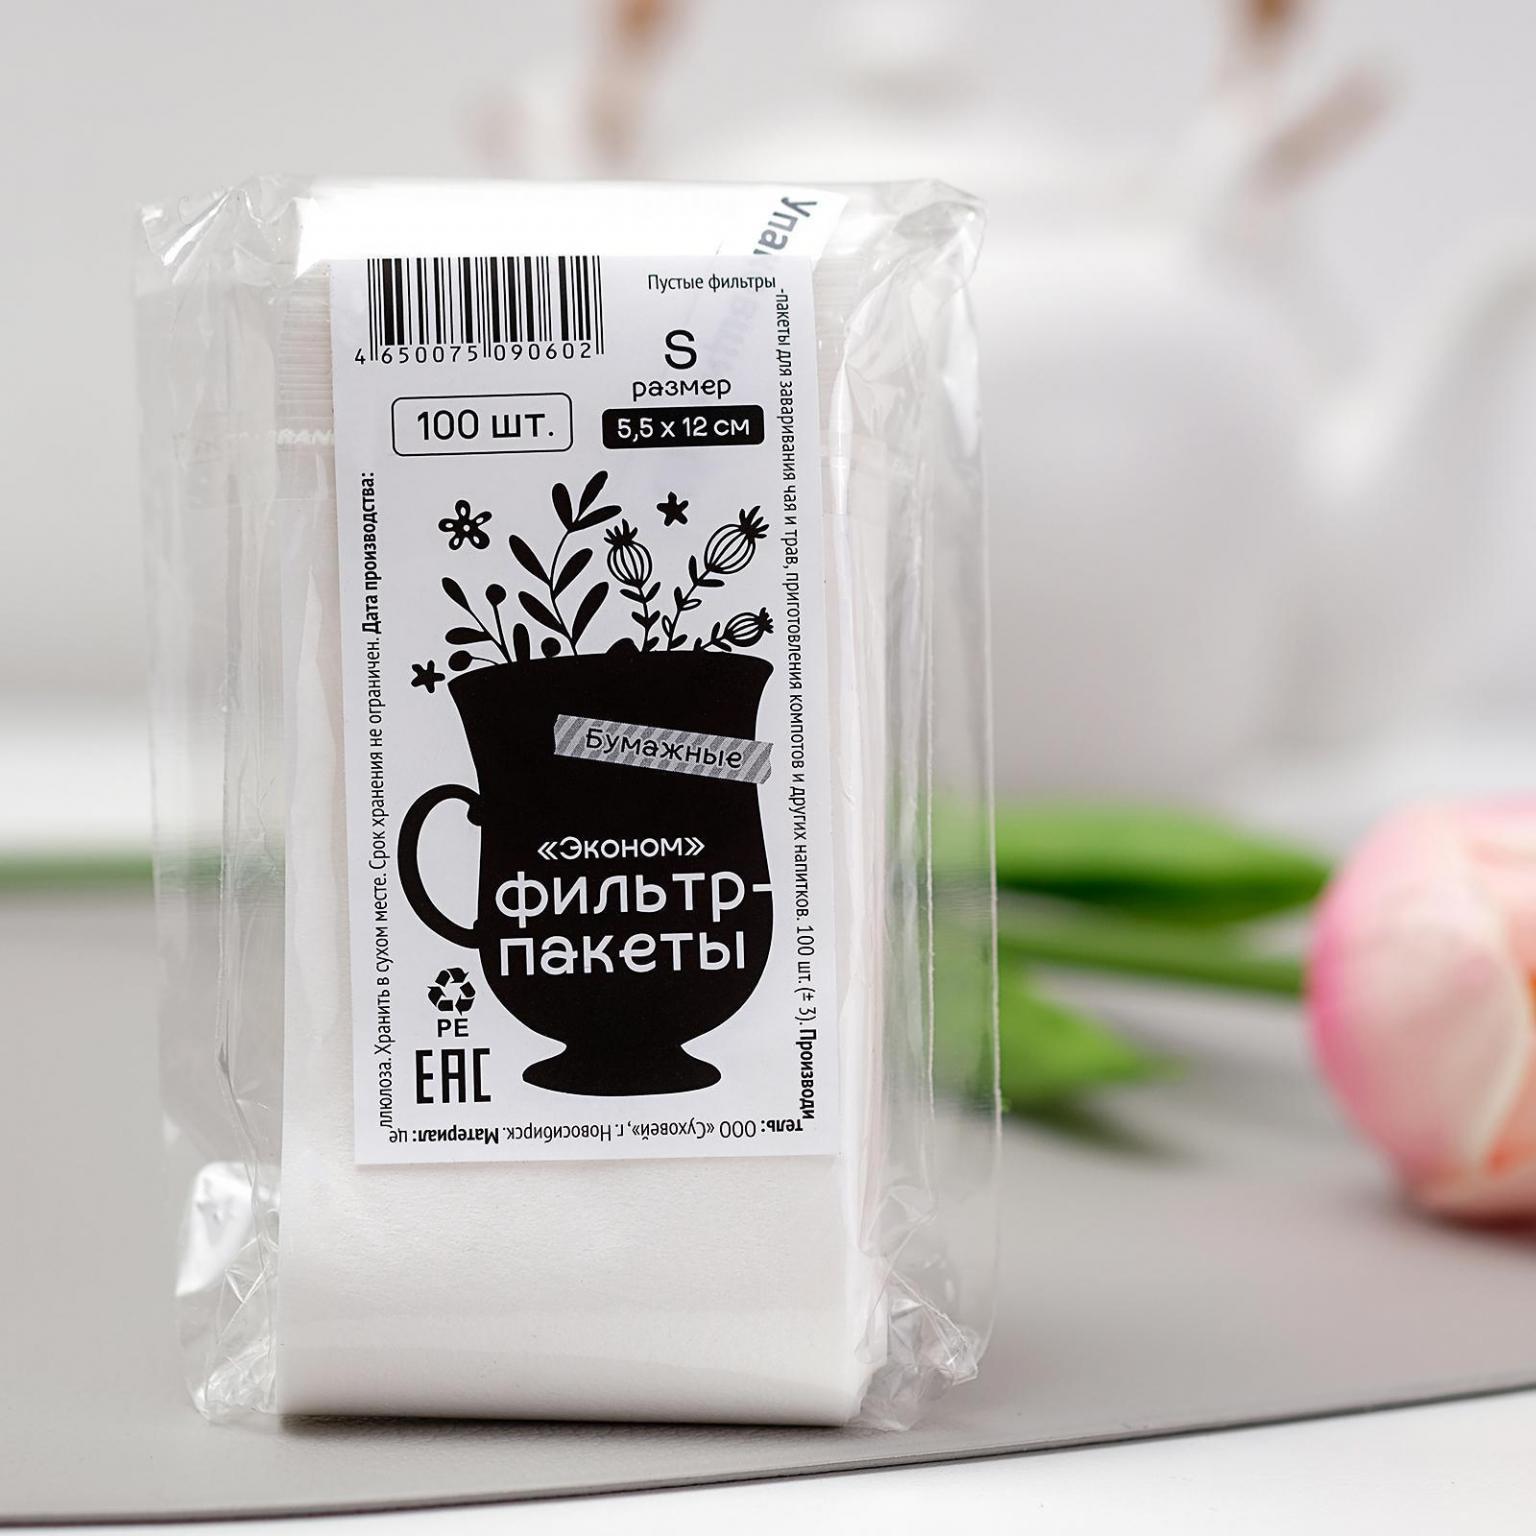 Фильтр-пакеты для заваривания чая Эконом, для чашки, 100 шт., 5,5*12 см